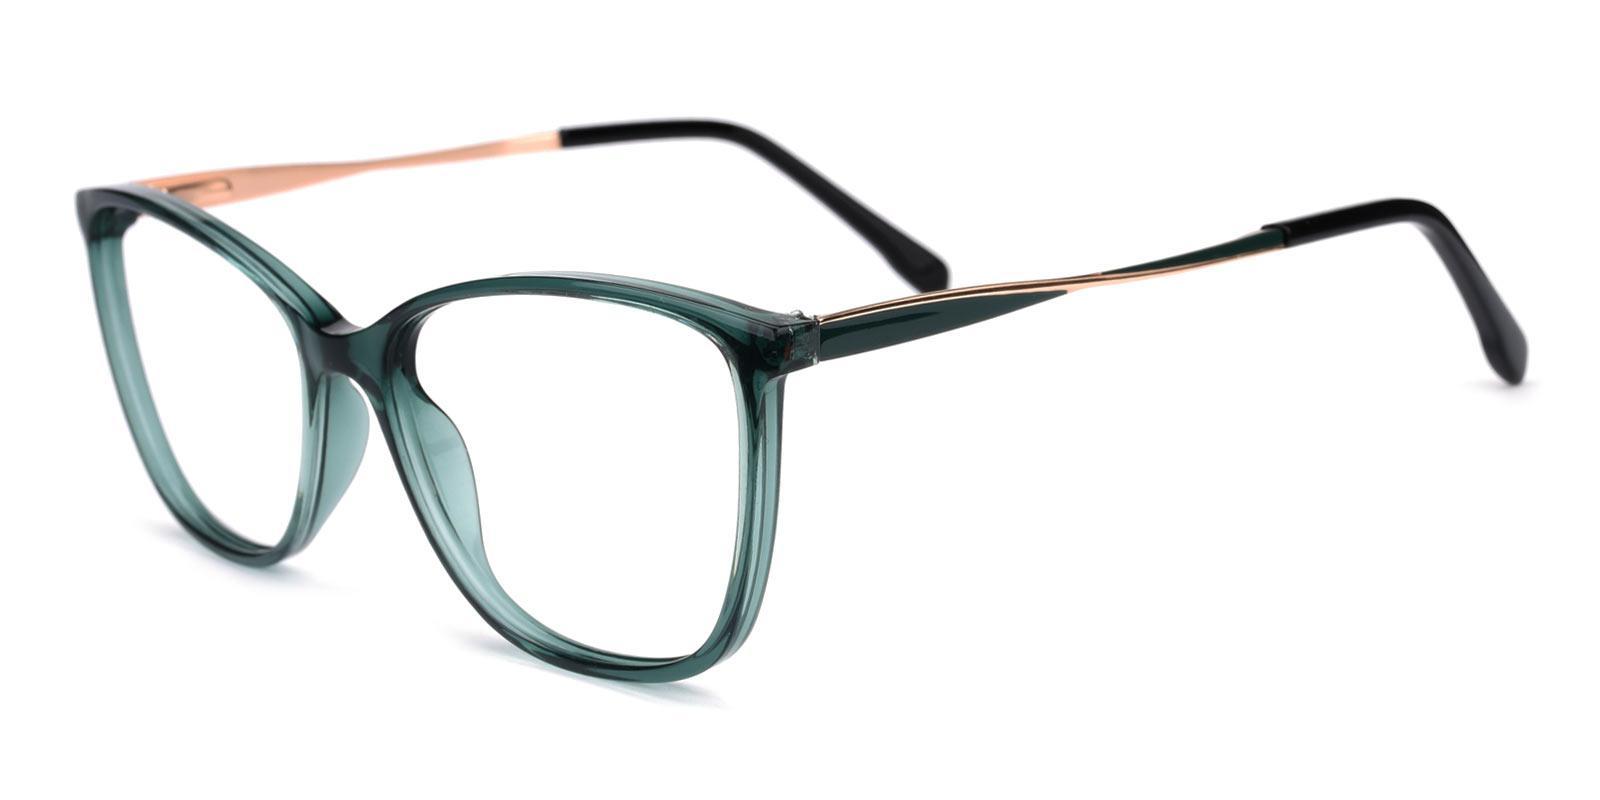 Night-Green-Cat-Acetate-Eyeglasses-detail